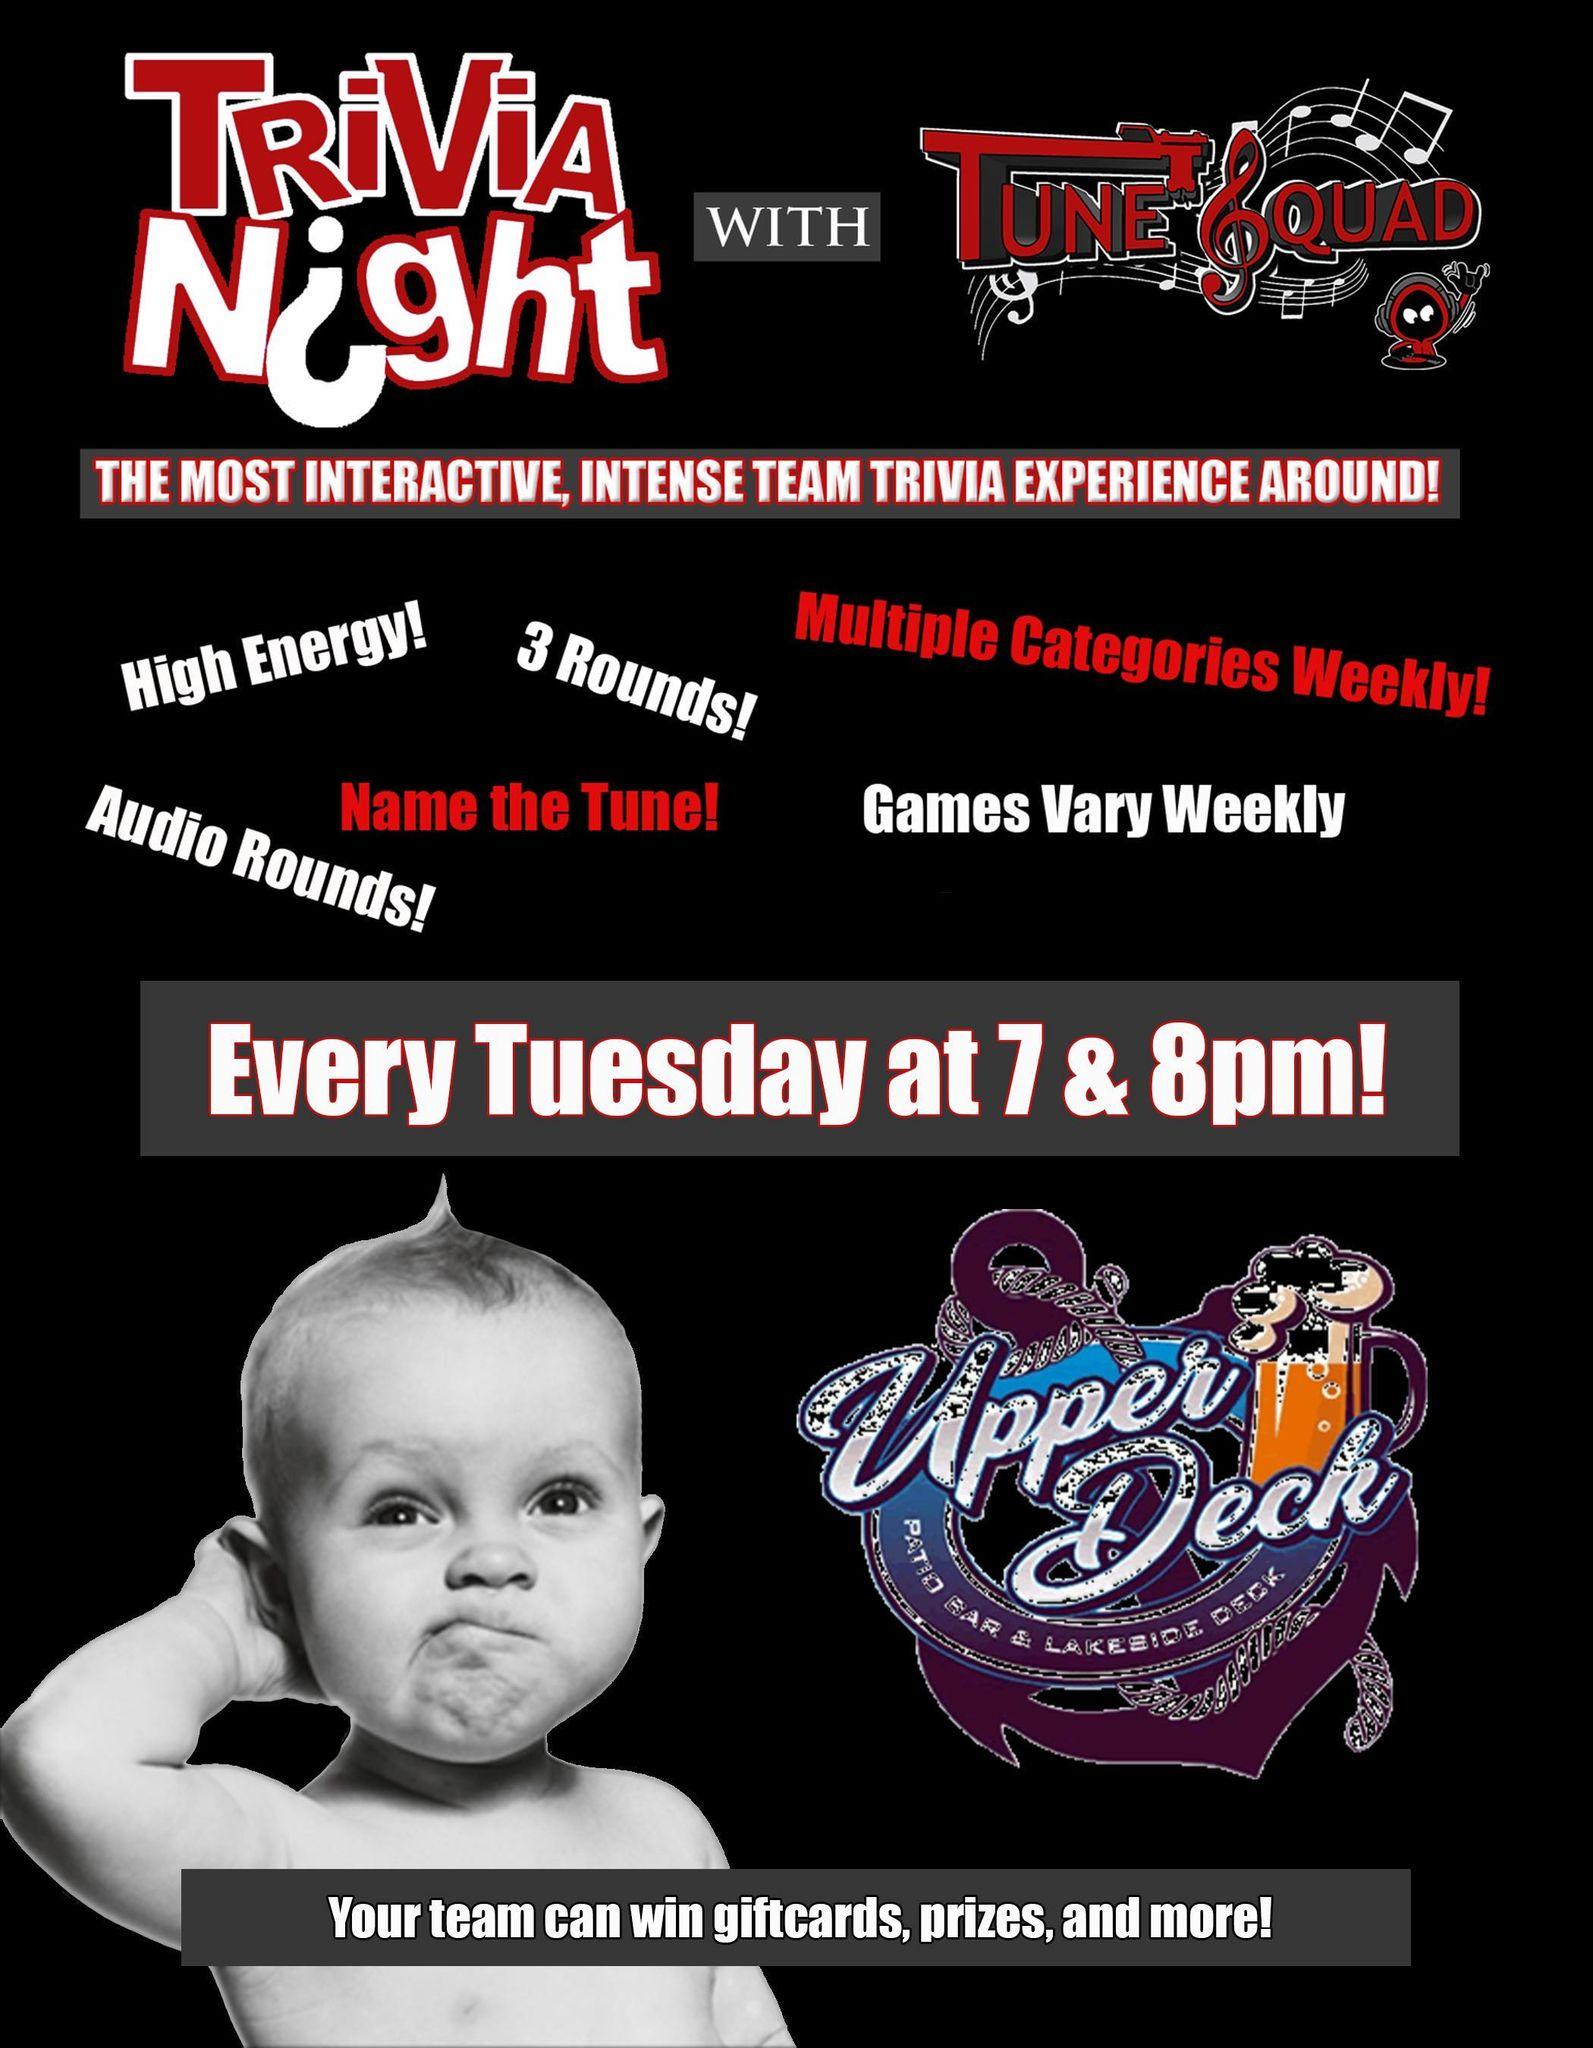 Trivia Night Tuesdays!